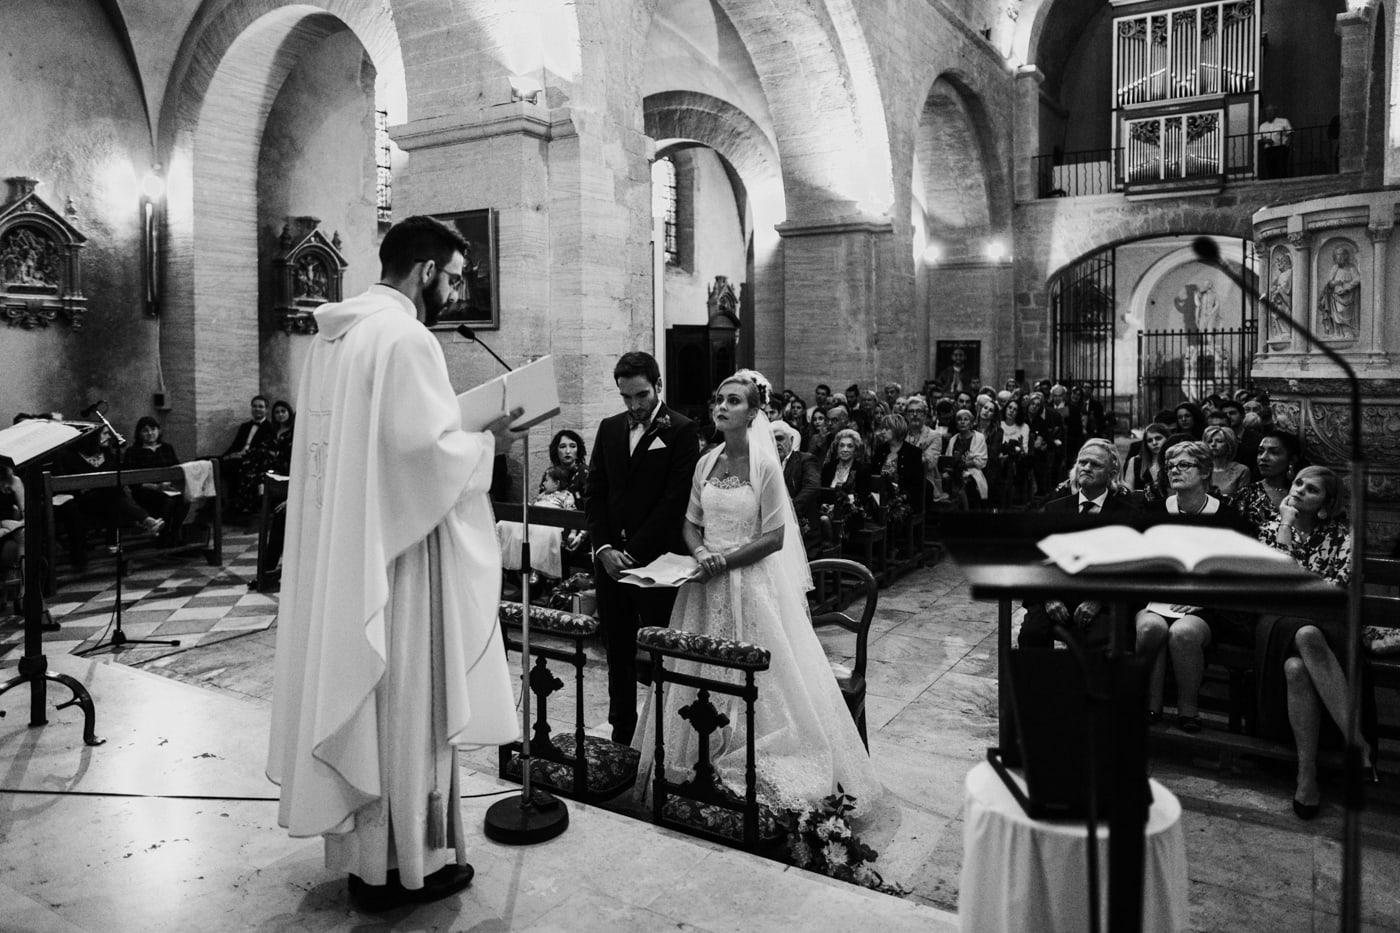 Bénédiction religieuse de mariage à L'église de Chateauneuf du Pape-Delphine closse